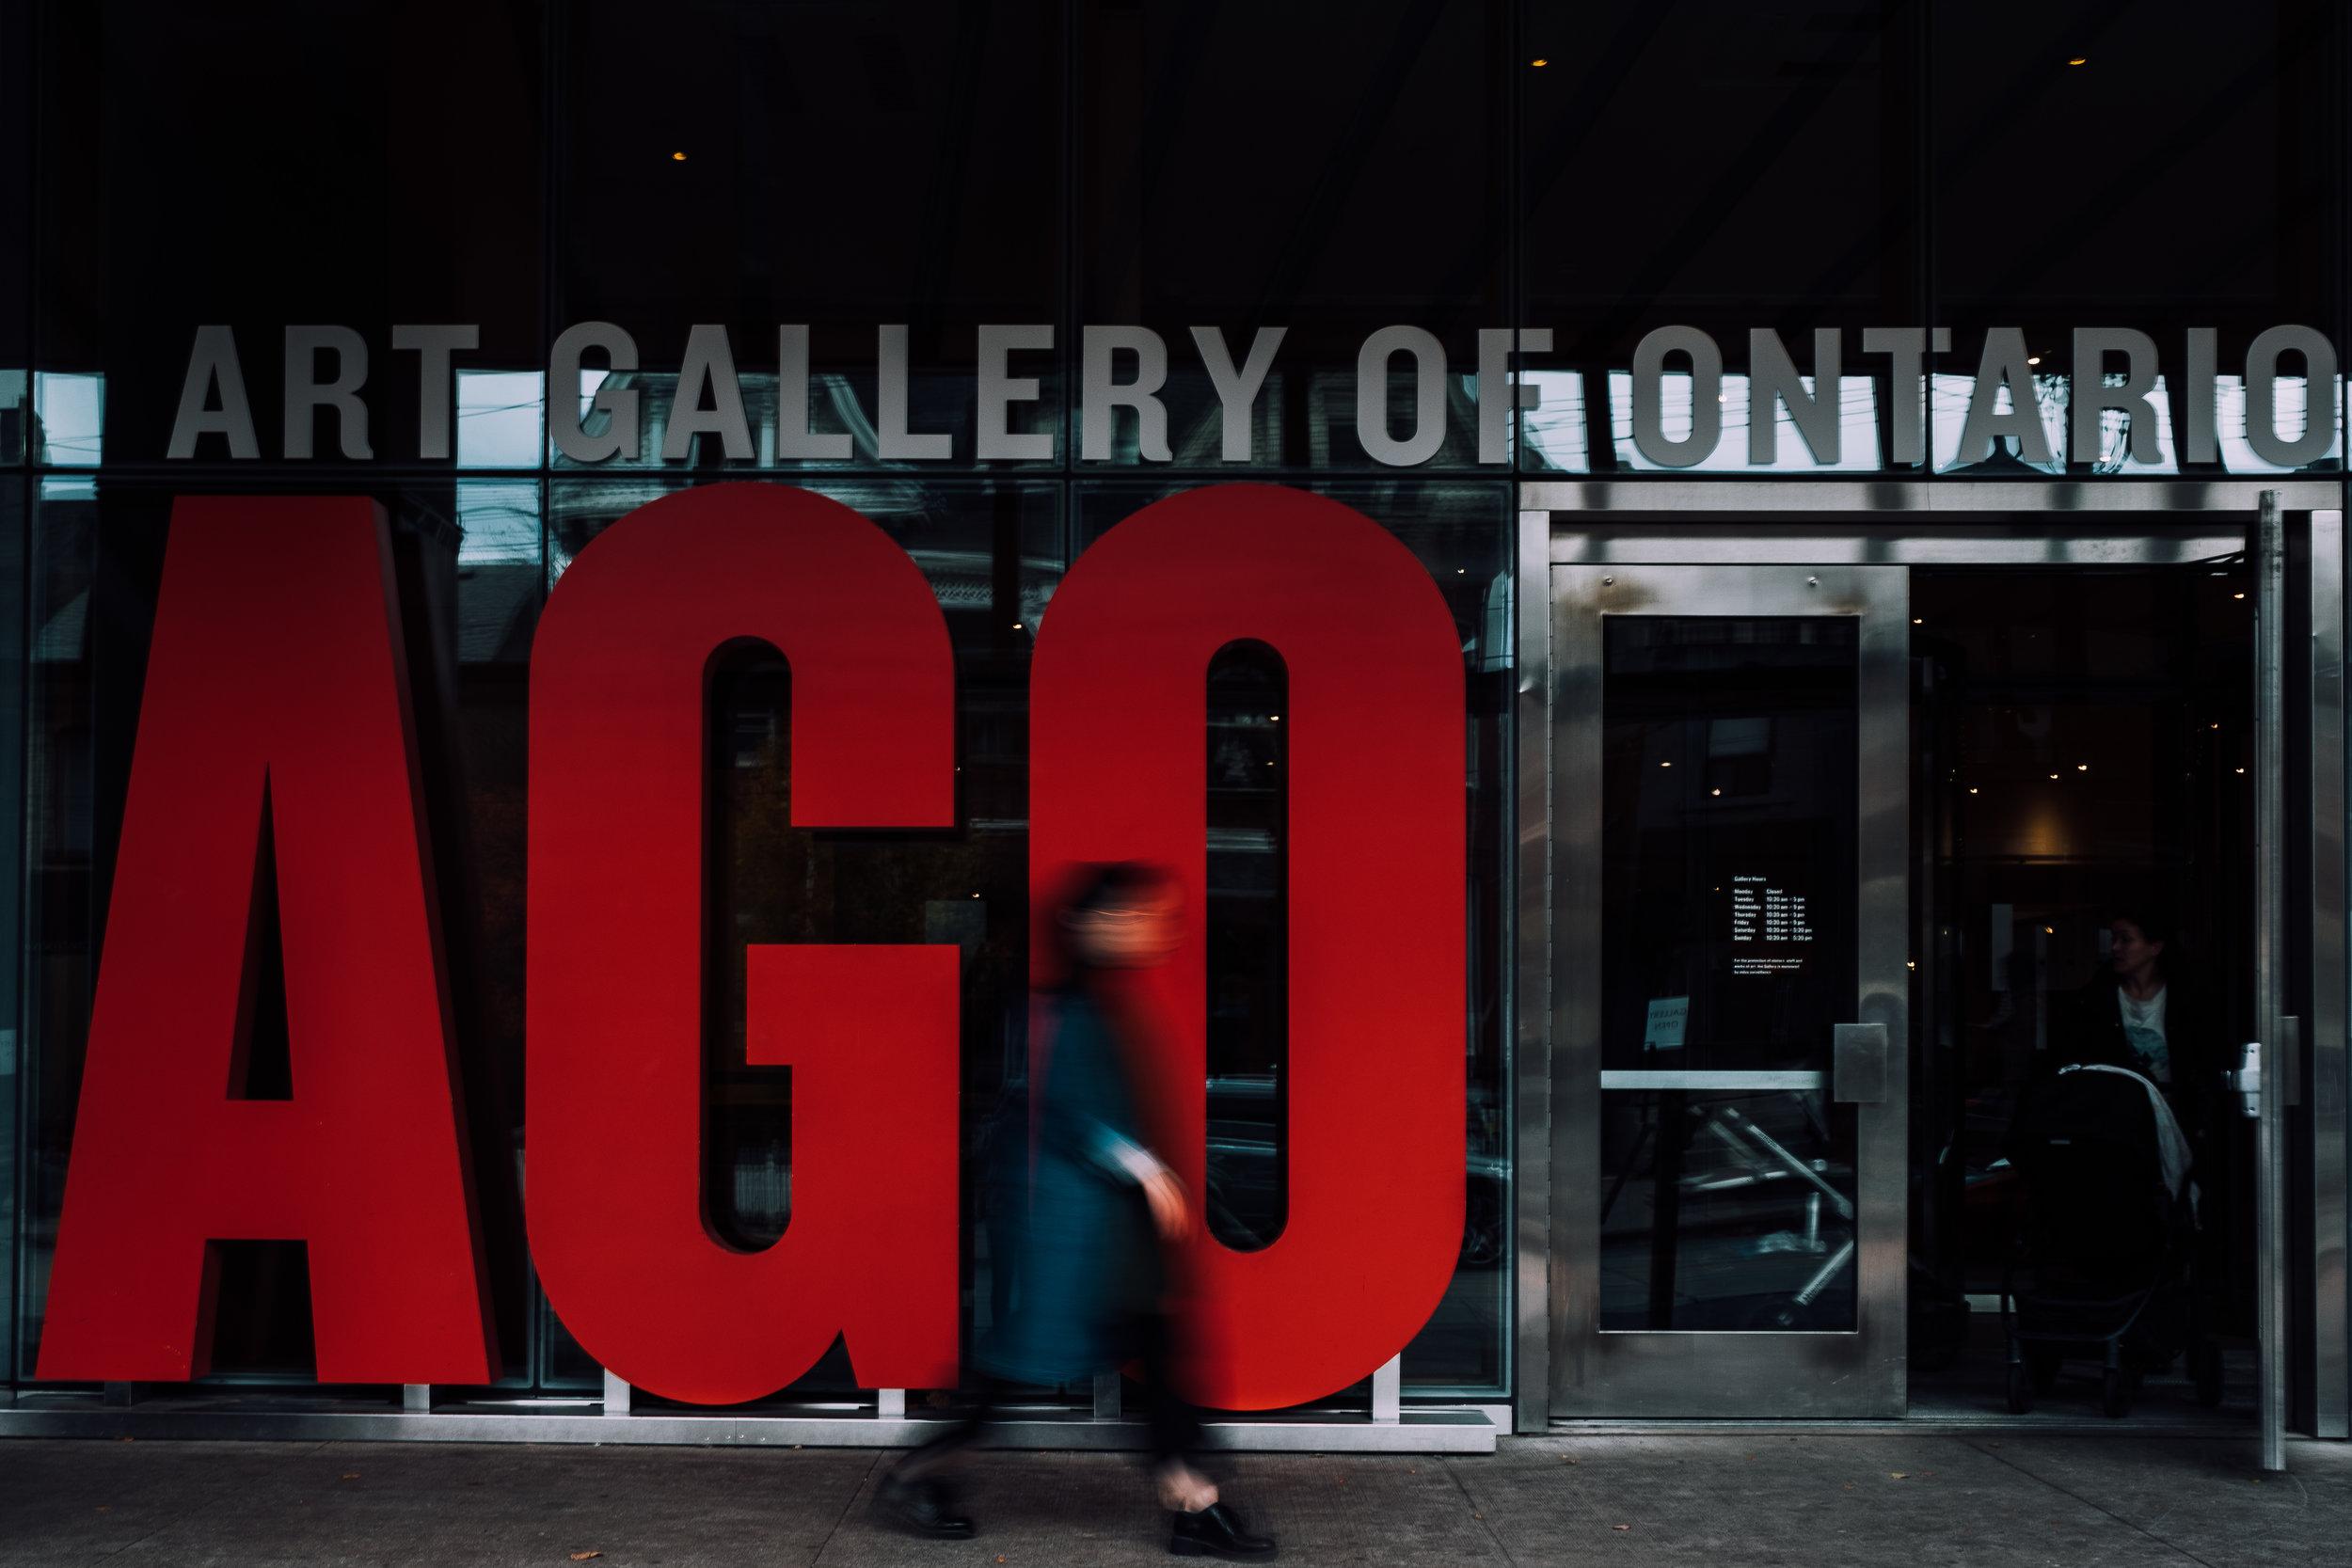 Art Gallery of Ontario.jpg